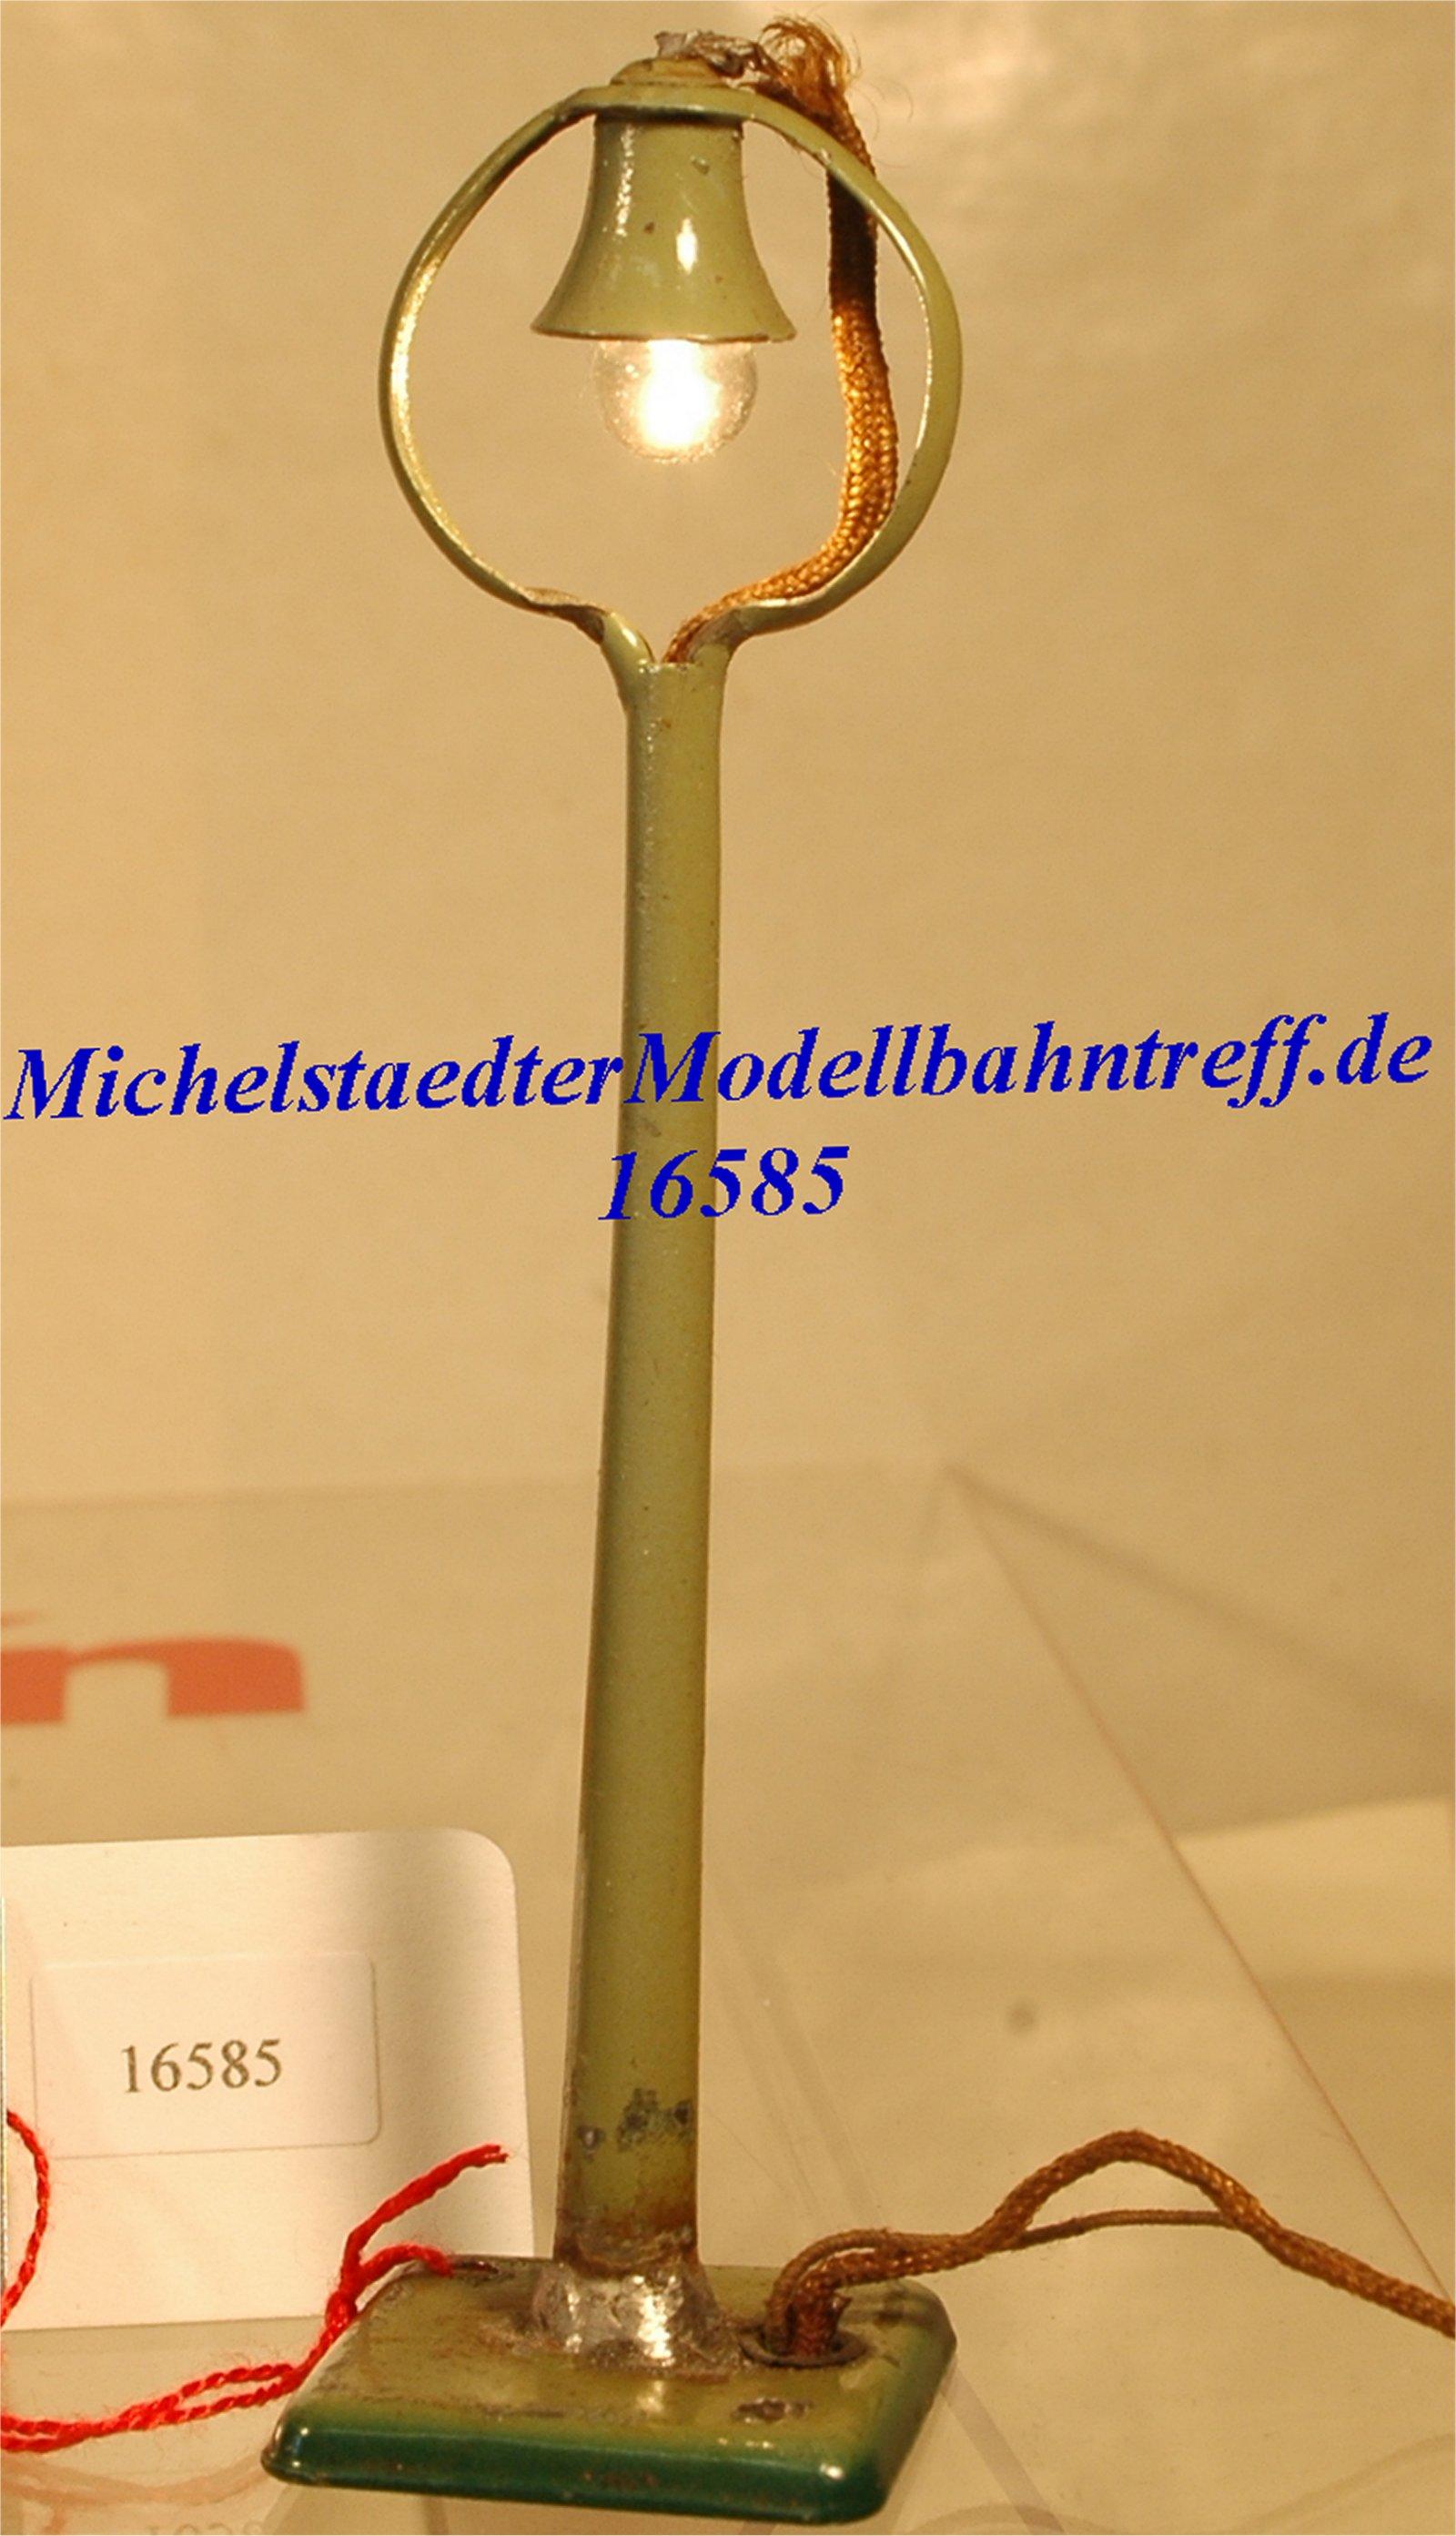 Märklin 447.1 Bogenlampe, Blech, (16585)